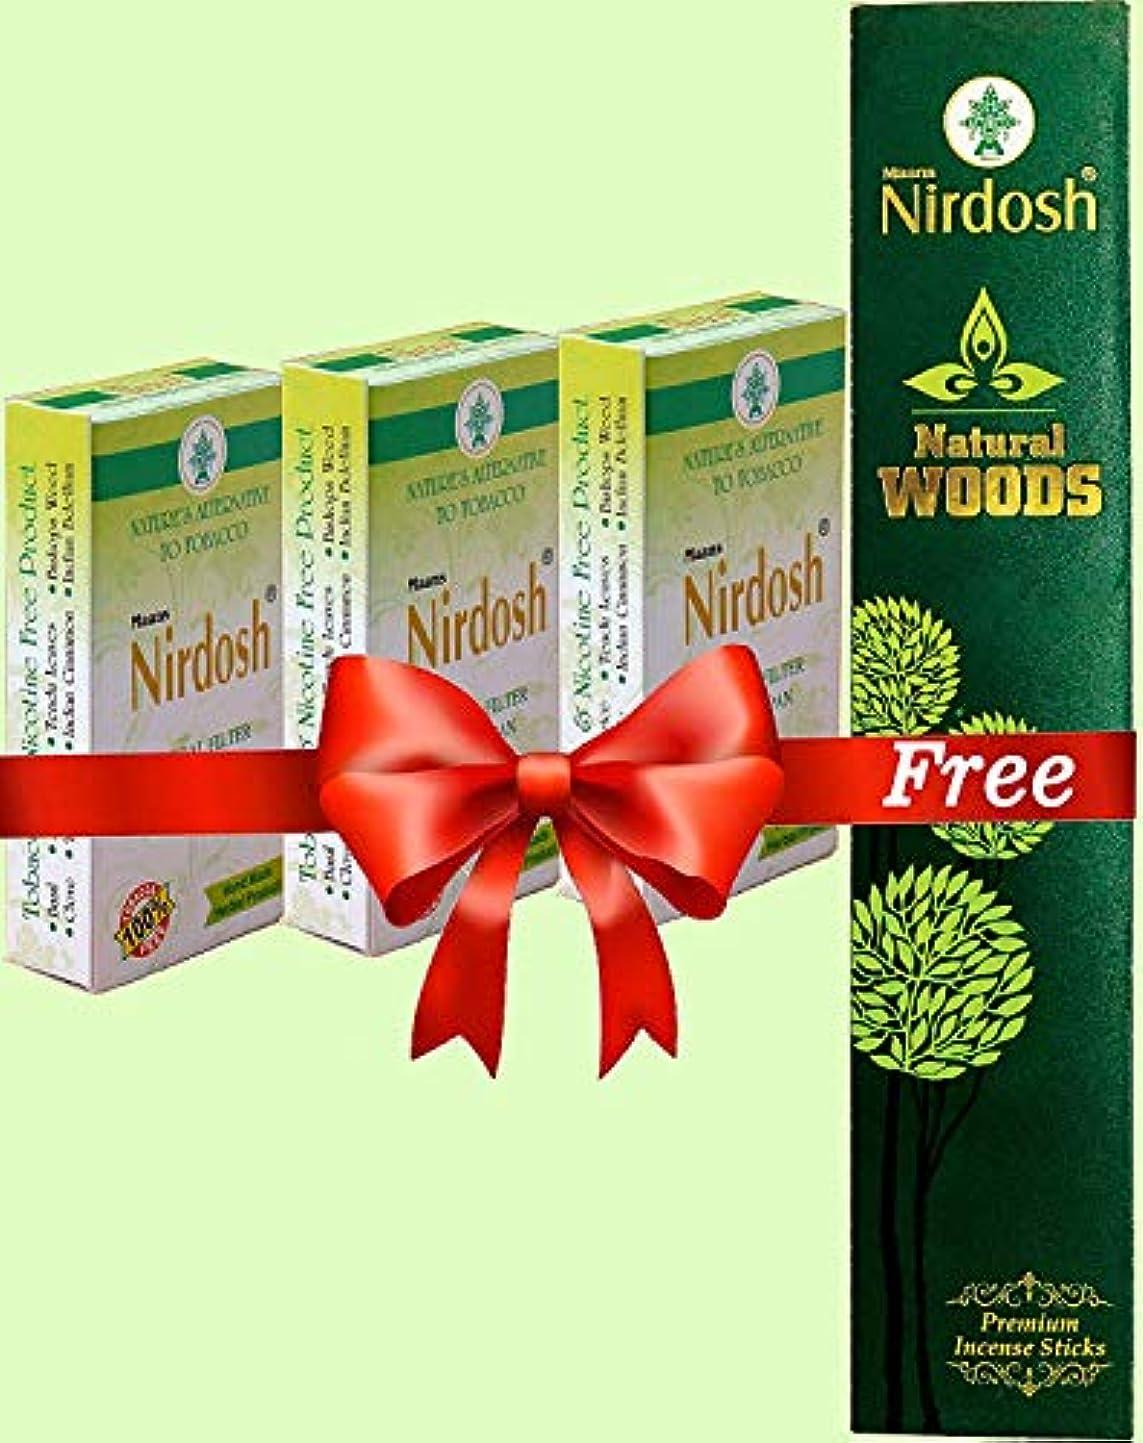 織機戦うカウントNirdosh Herbal Dhoompan - Pack of 3x10 Sticks - Free Natural Woods Masala Incense Sticks 25g.